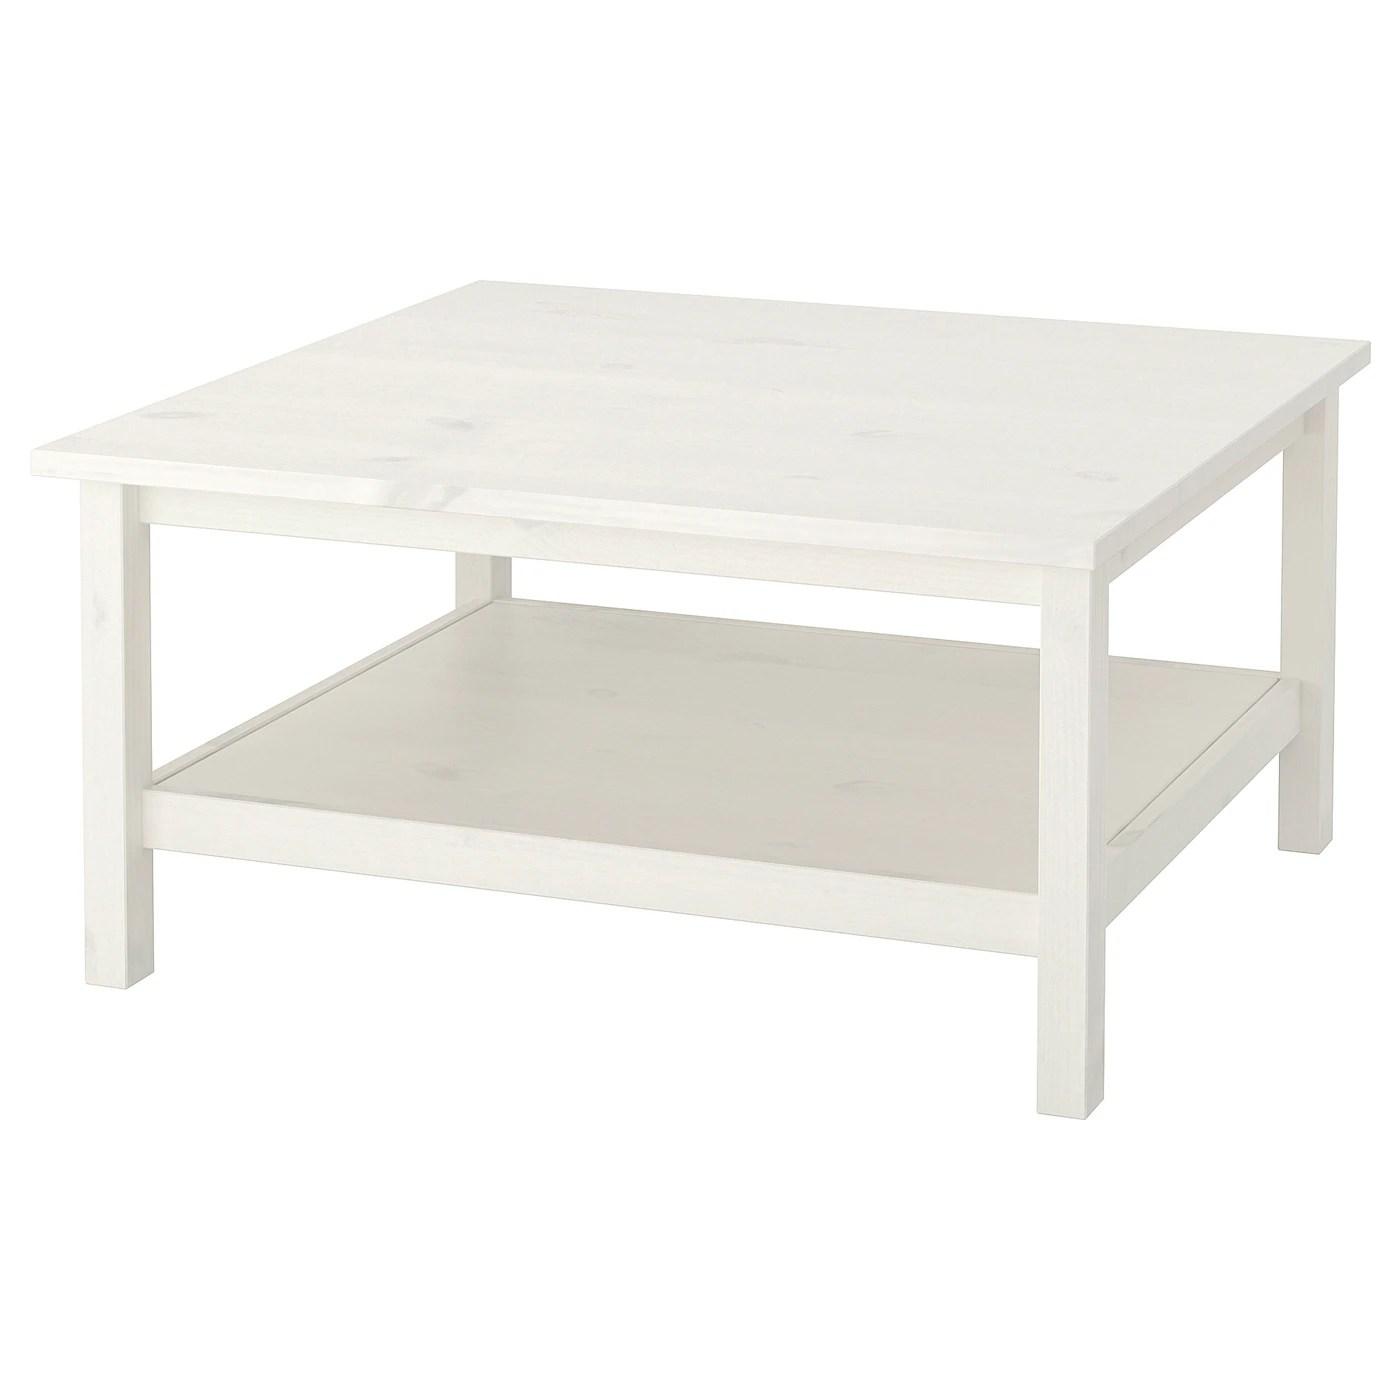 hemnes table basse teinte blanc 90x90 cm